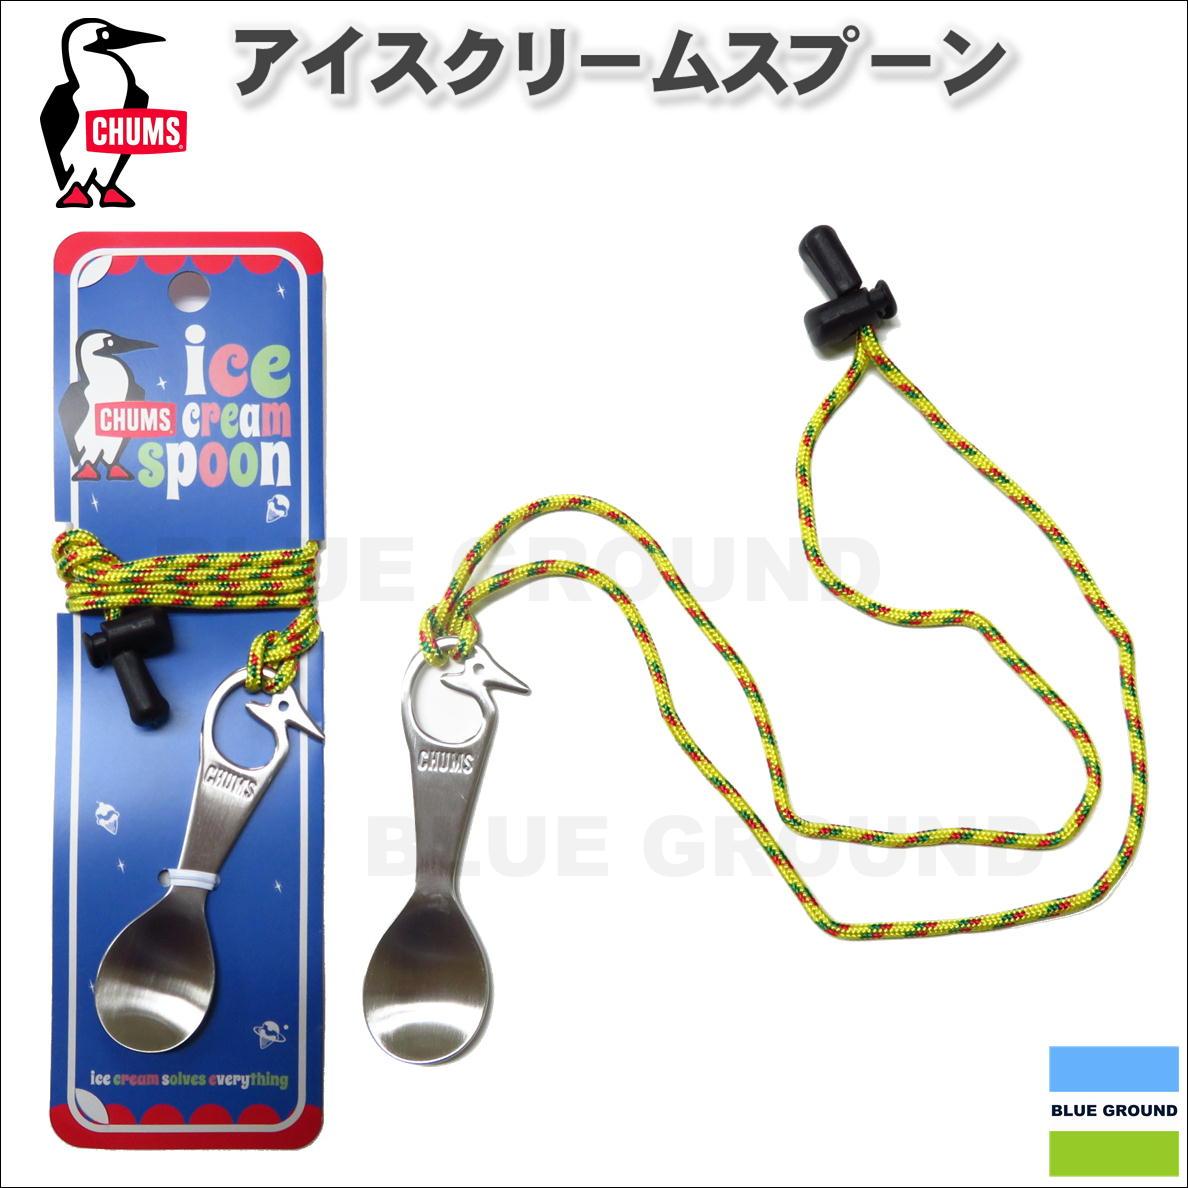 メール便185円 CHUMS(チャムス)/アイスクリームスプーン